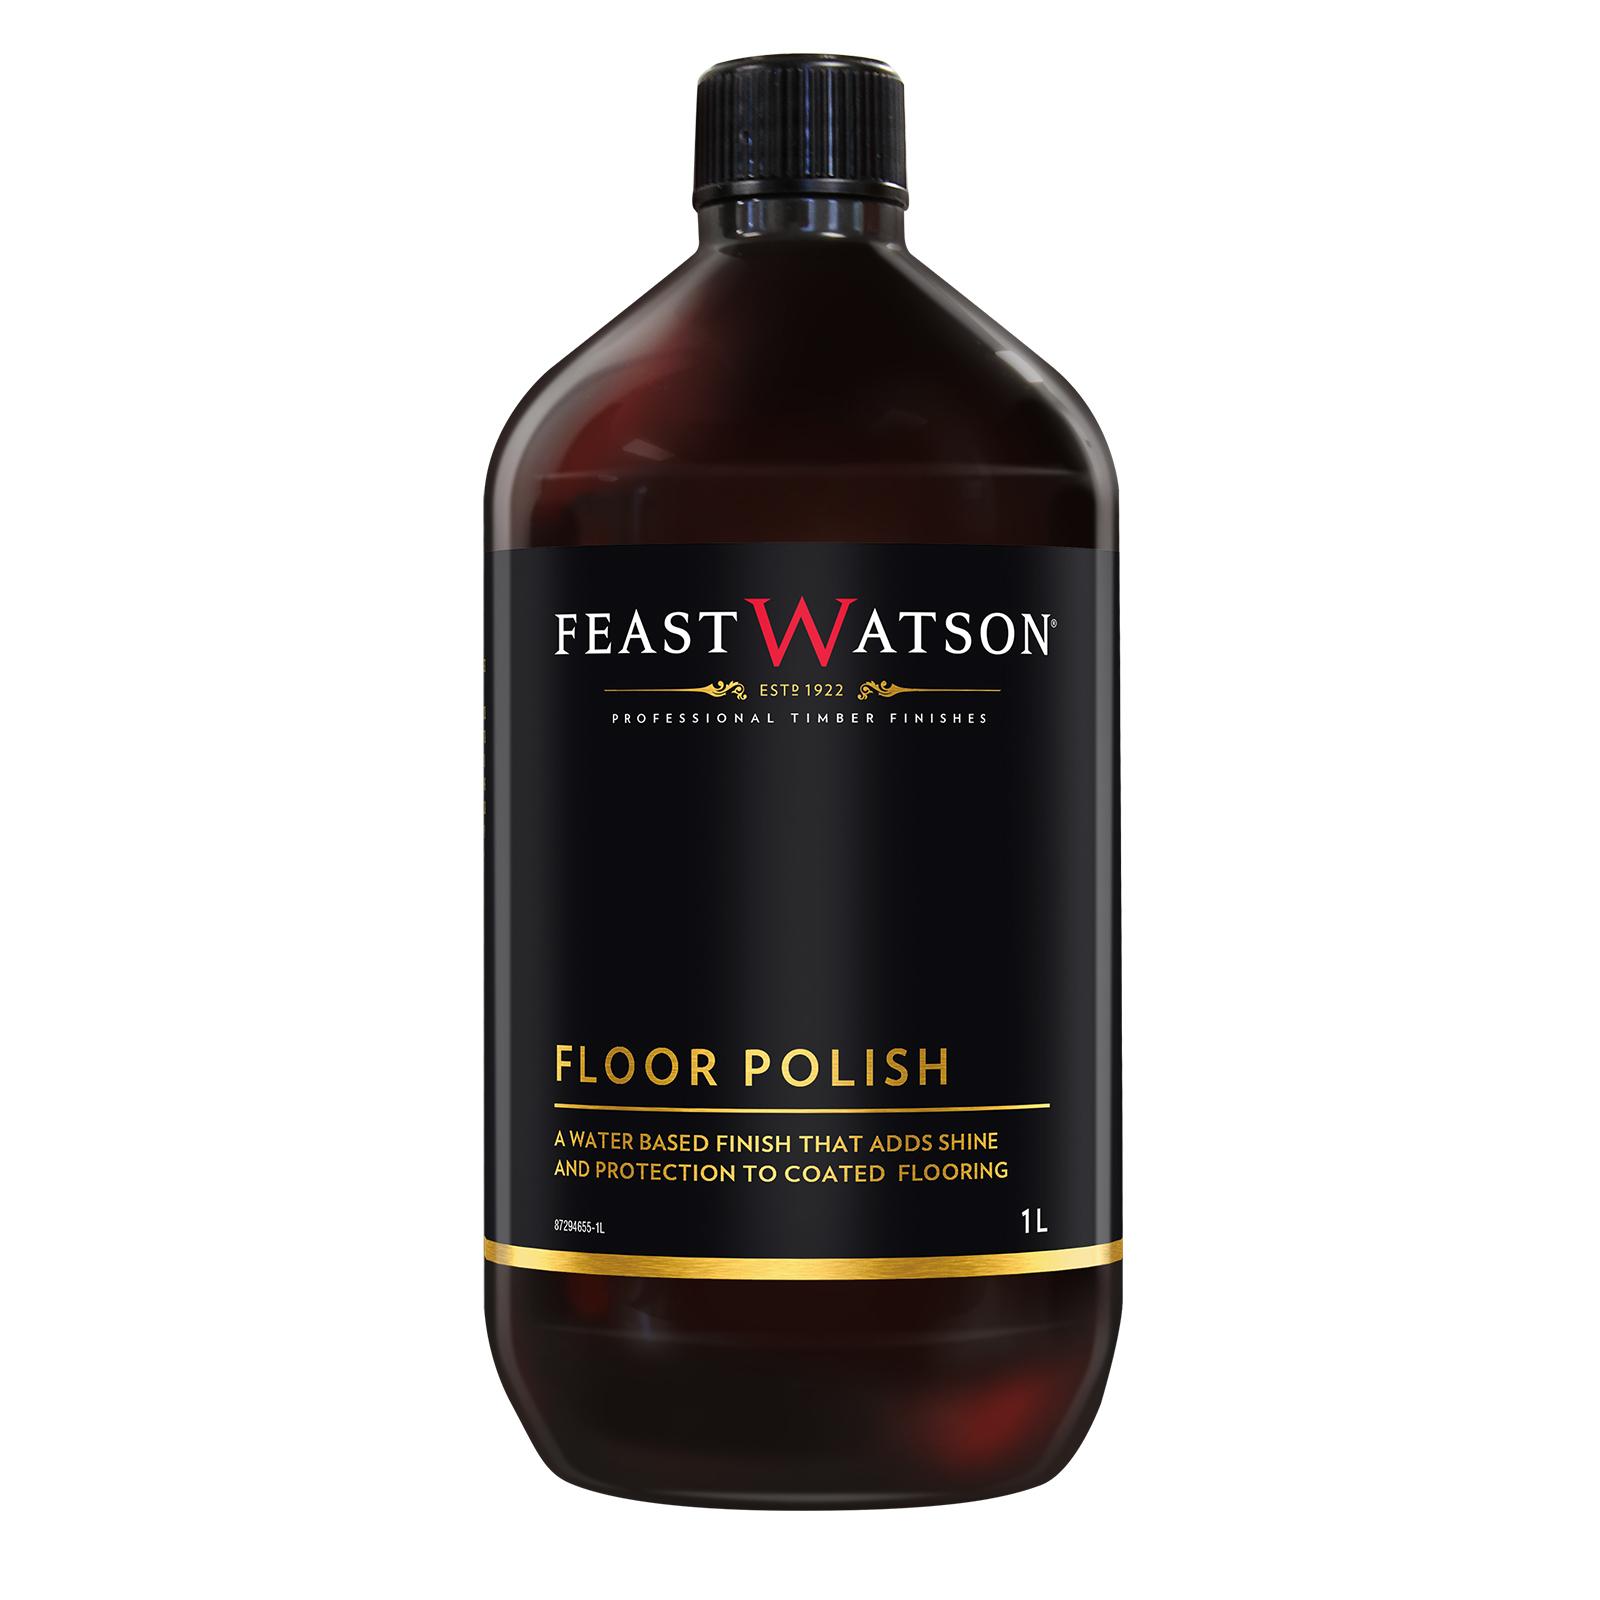 Feast Watson 1L Floor Polish